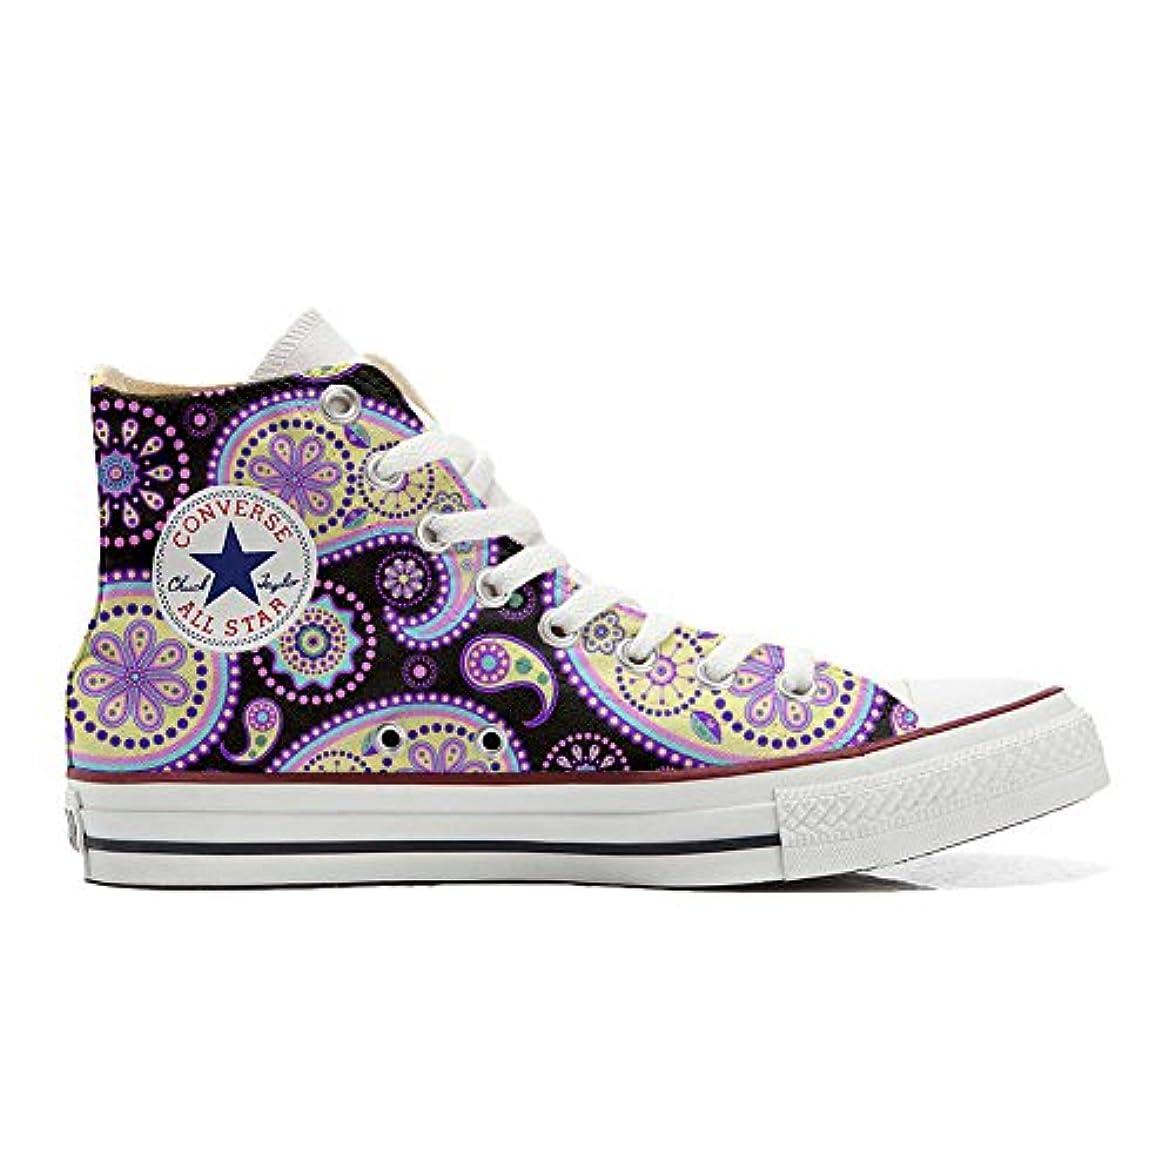 Converse Personalizzate All Star Sneaker Unisex prodotto Artigianale Flowery Paisley Size 33 Eu